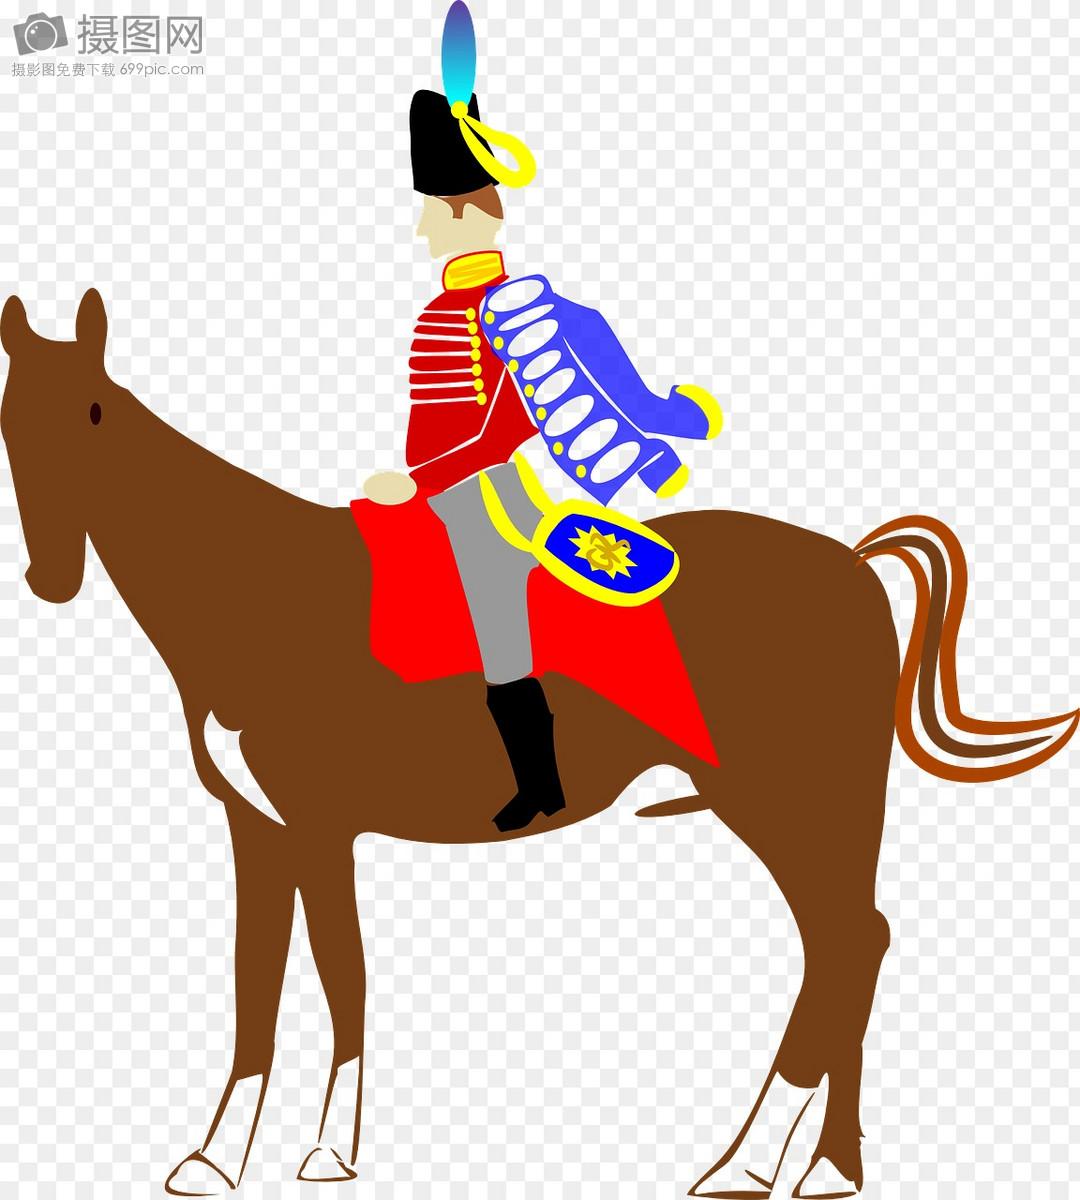 骑马的勇士图片素材_免费下载_svg图片格式_高清图片